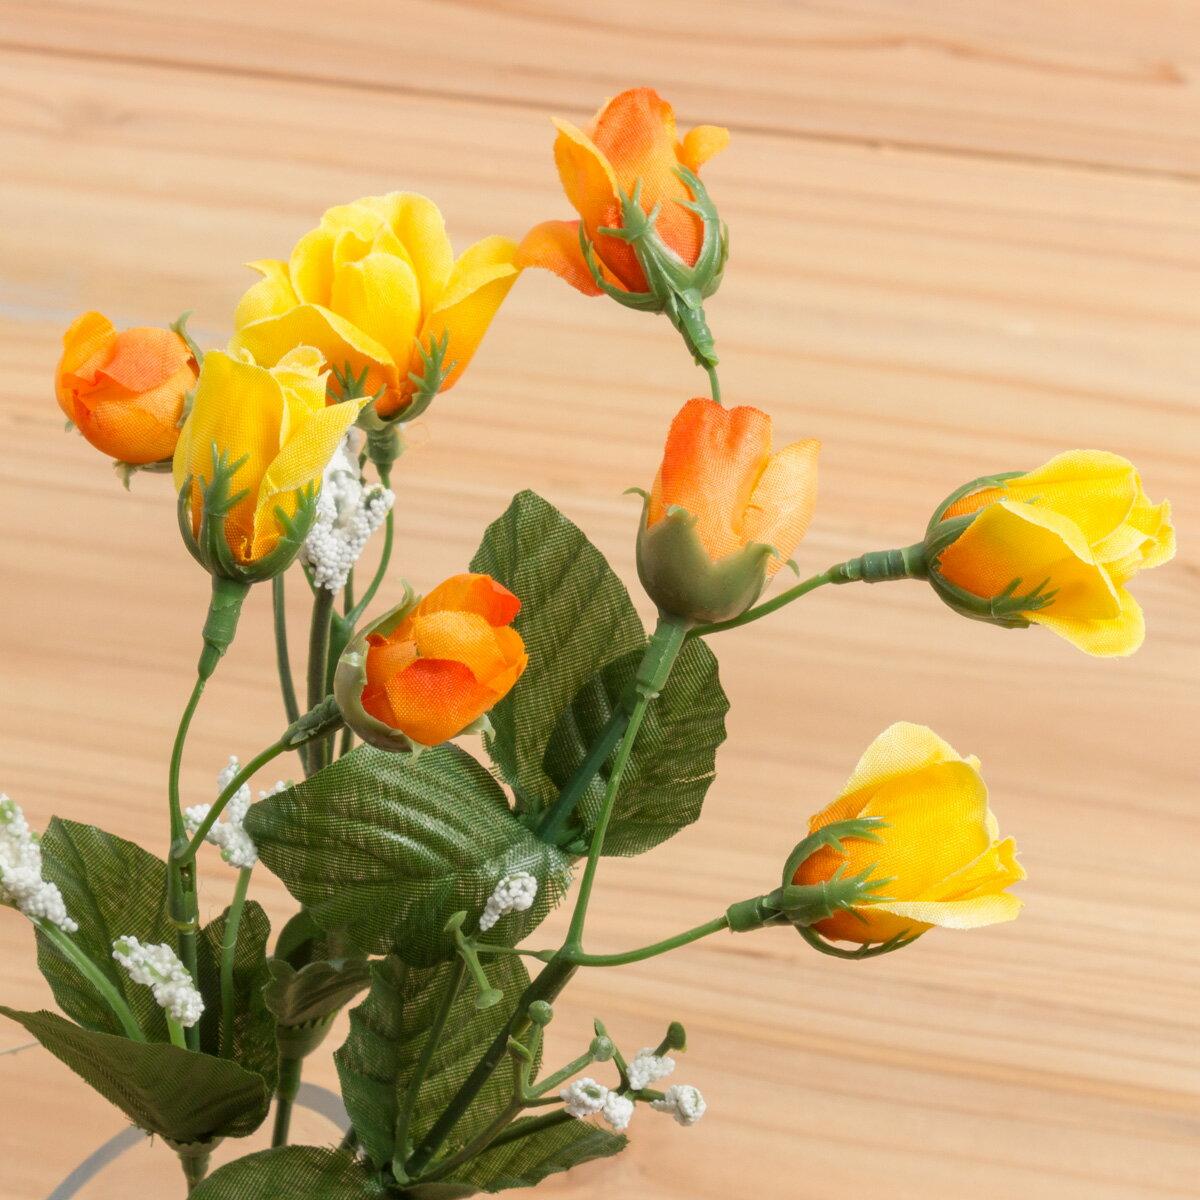 大特価 即日 【造花】YDM/カスミツキミニローズバッド イエローオレンジ/FB2349-YOR《 造花(アーティフィシャルフラワー) 造花 花材「は行」 バラ 》